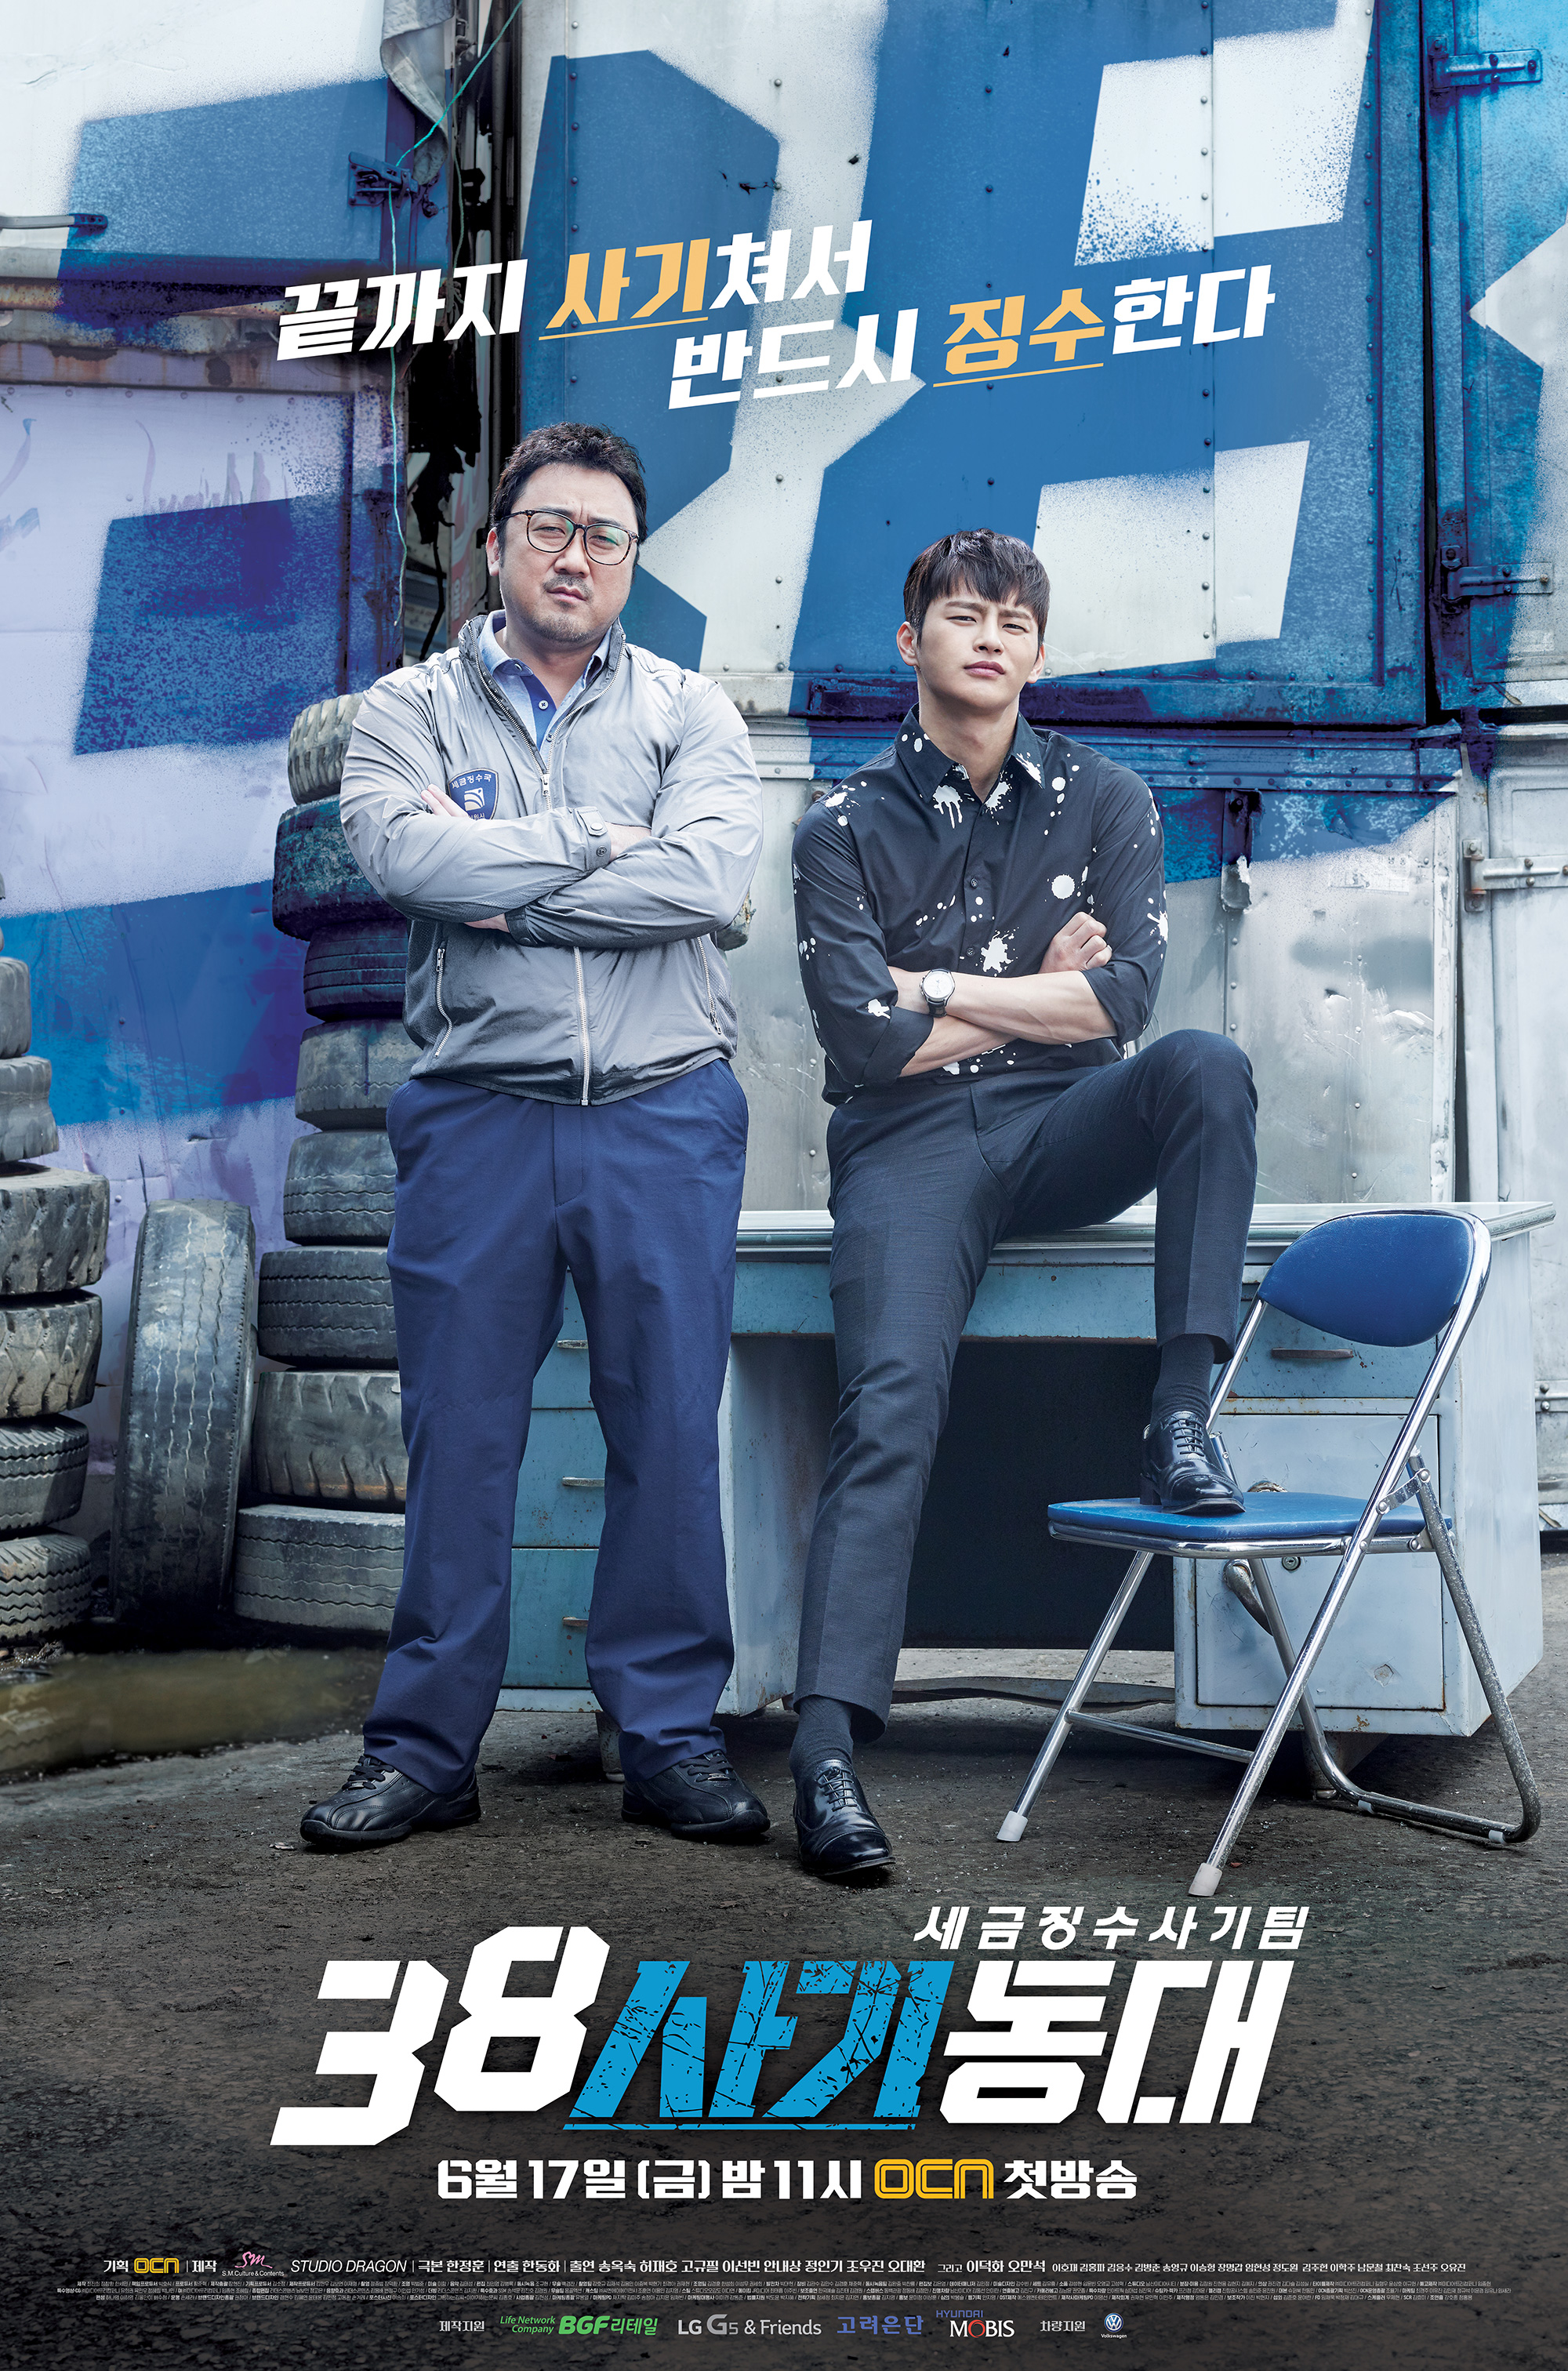 <38 사기동대> 2인 포스터